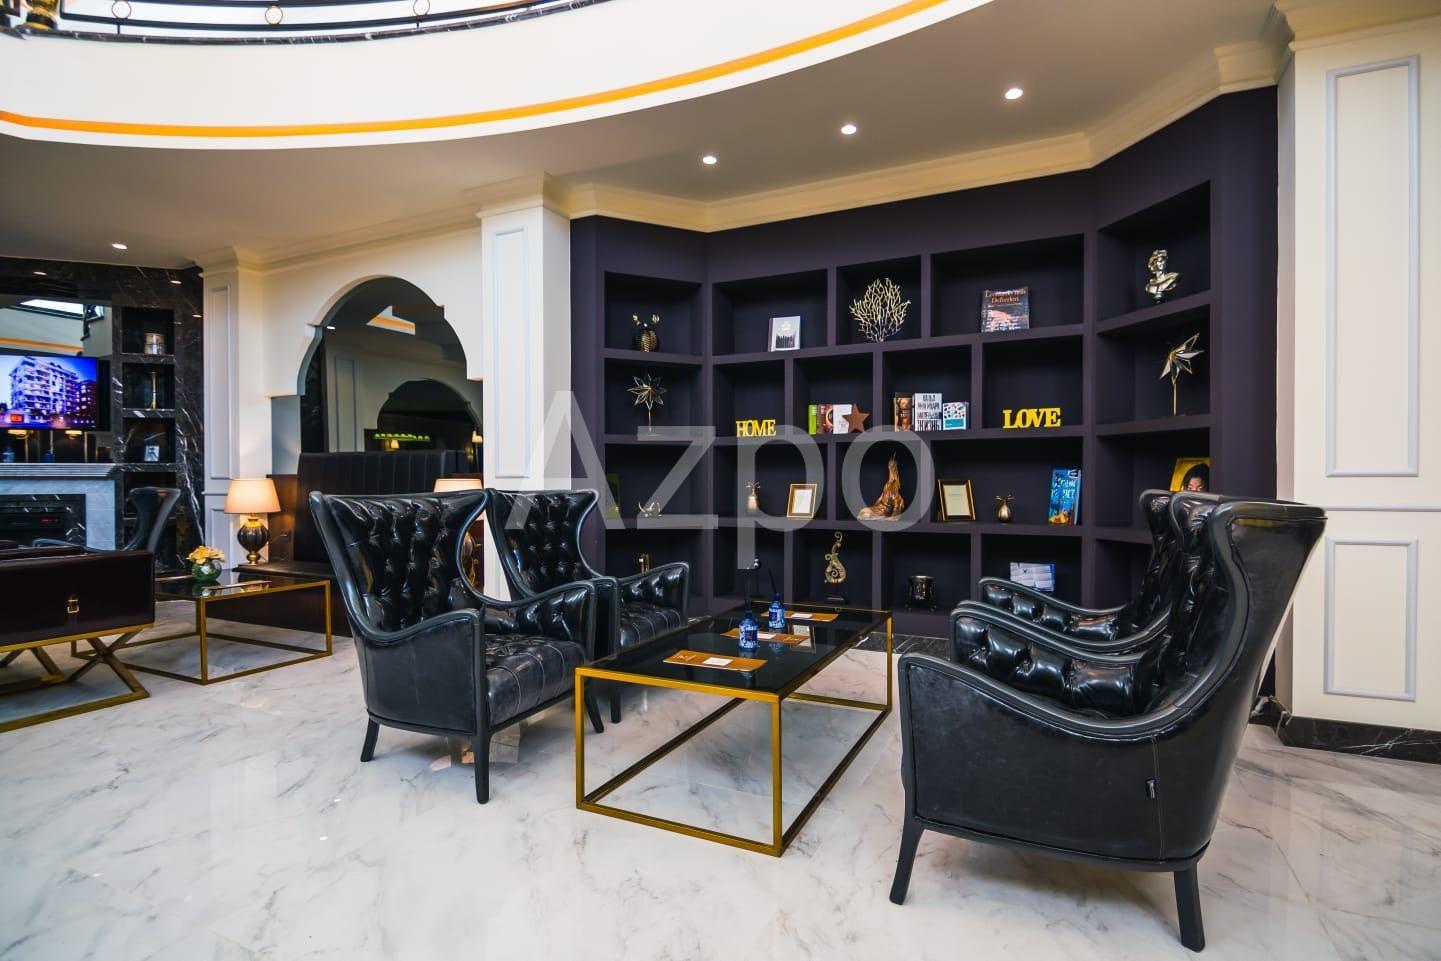 Трехкомнатная квартира с мебелью со скидкой 15% - Фото 17